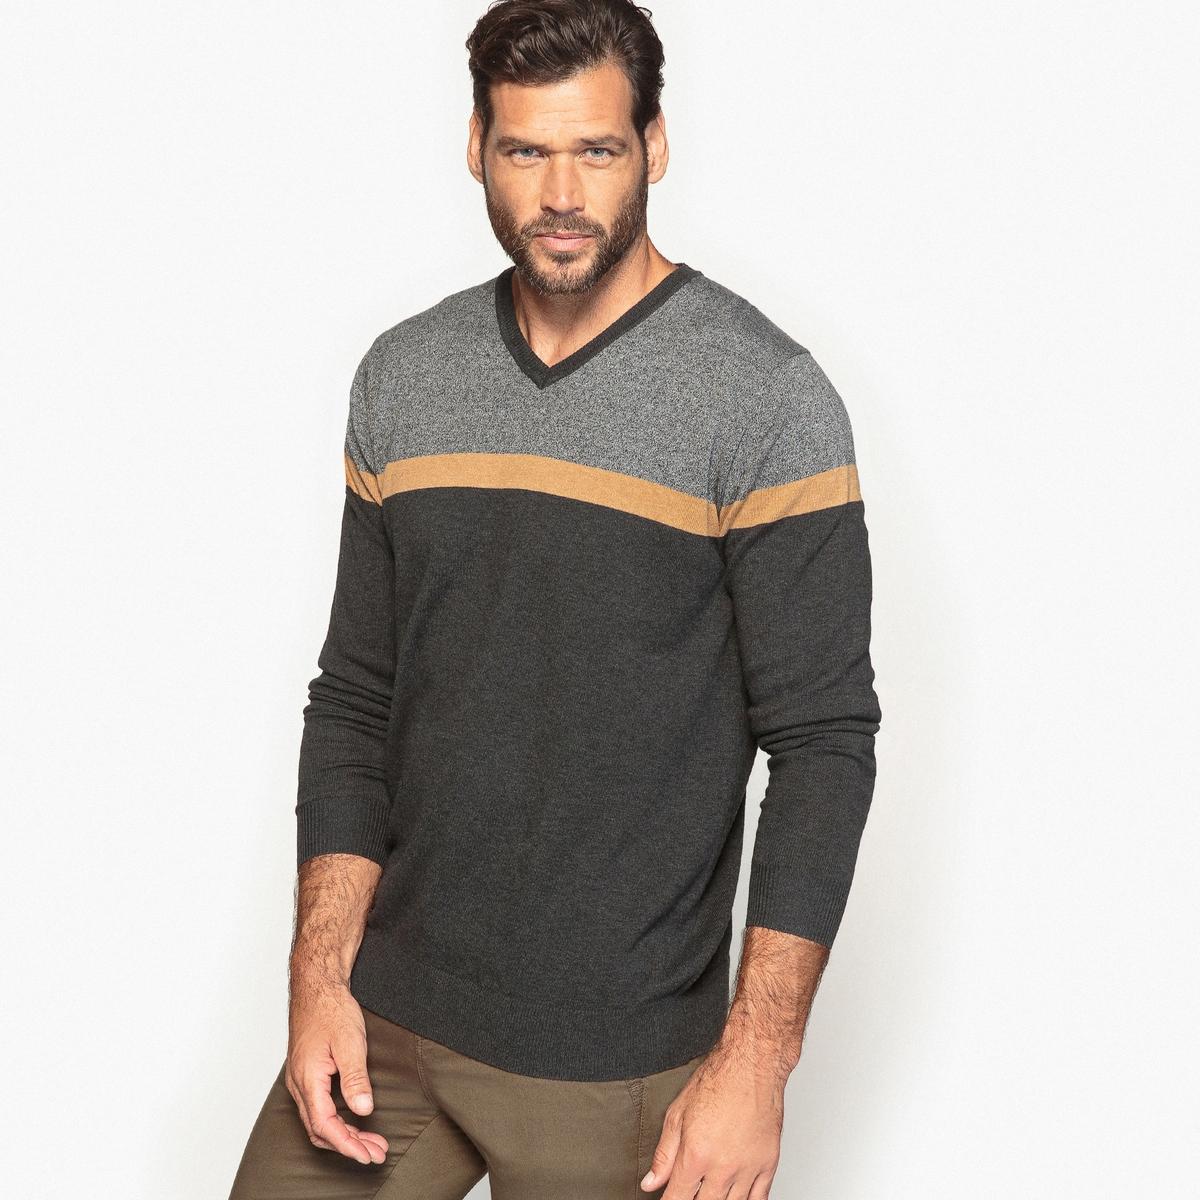 Пуловер с V-образным вырезомОригинальный пуловер с V-образным вырезом в стиле  color block. Графичный пуловер с V-образным вырезом легко подойдет к любому наряду.Детали   •  Длинные рукава •   V-образный вырез •  Тонкий трикотаж Состав и уход   •  70% акрила, 30% хлопка •  Температура стирки 30° на деликатном режиме   •  Сухая чистка и отбеливание запрещены •  Сушить на горизонтальной поверхности •  Низкая температура глажкиТовар из коллекции больших размеров<br><br>Цвет: серый меланж/антрацит<br>Размер: 70/72.62/64